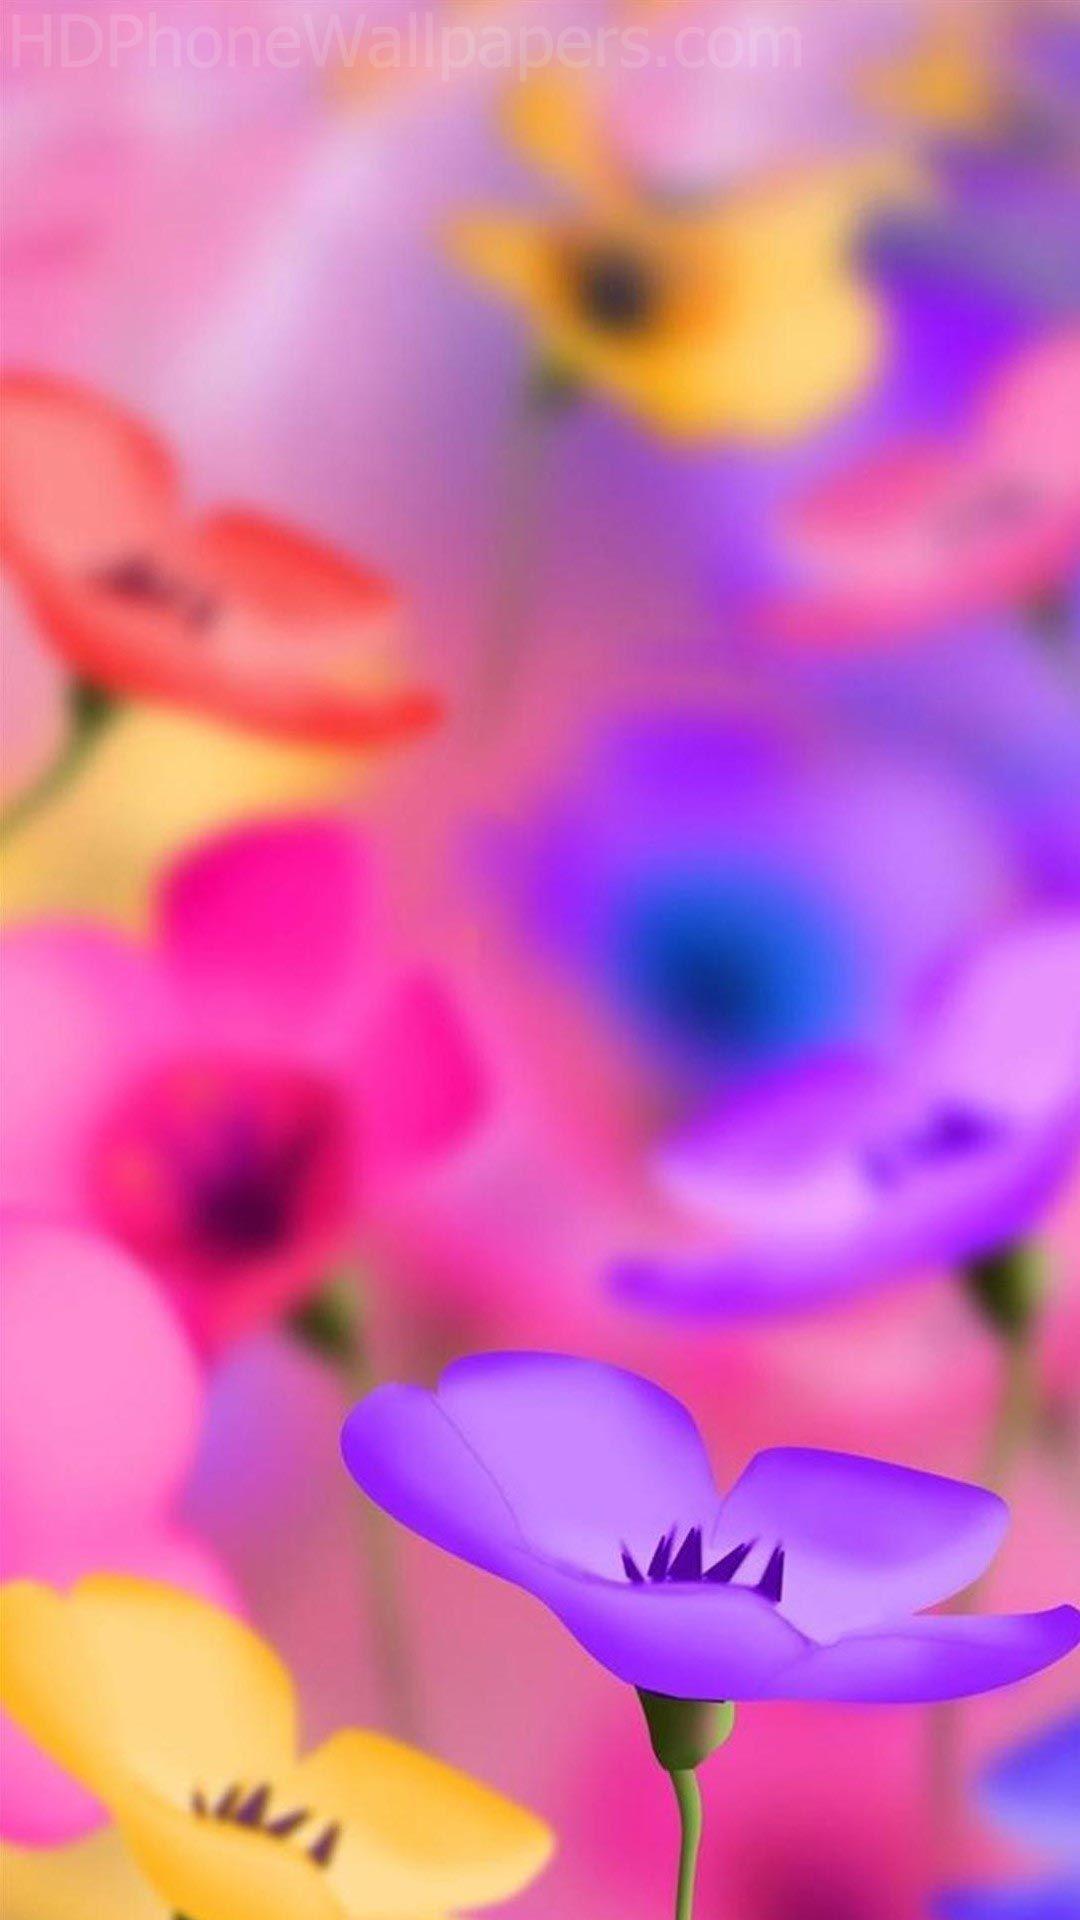 Cute Wallpaper For Samsung J7 1080x1920 Wallpaper Teahub Io